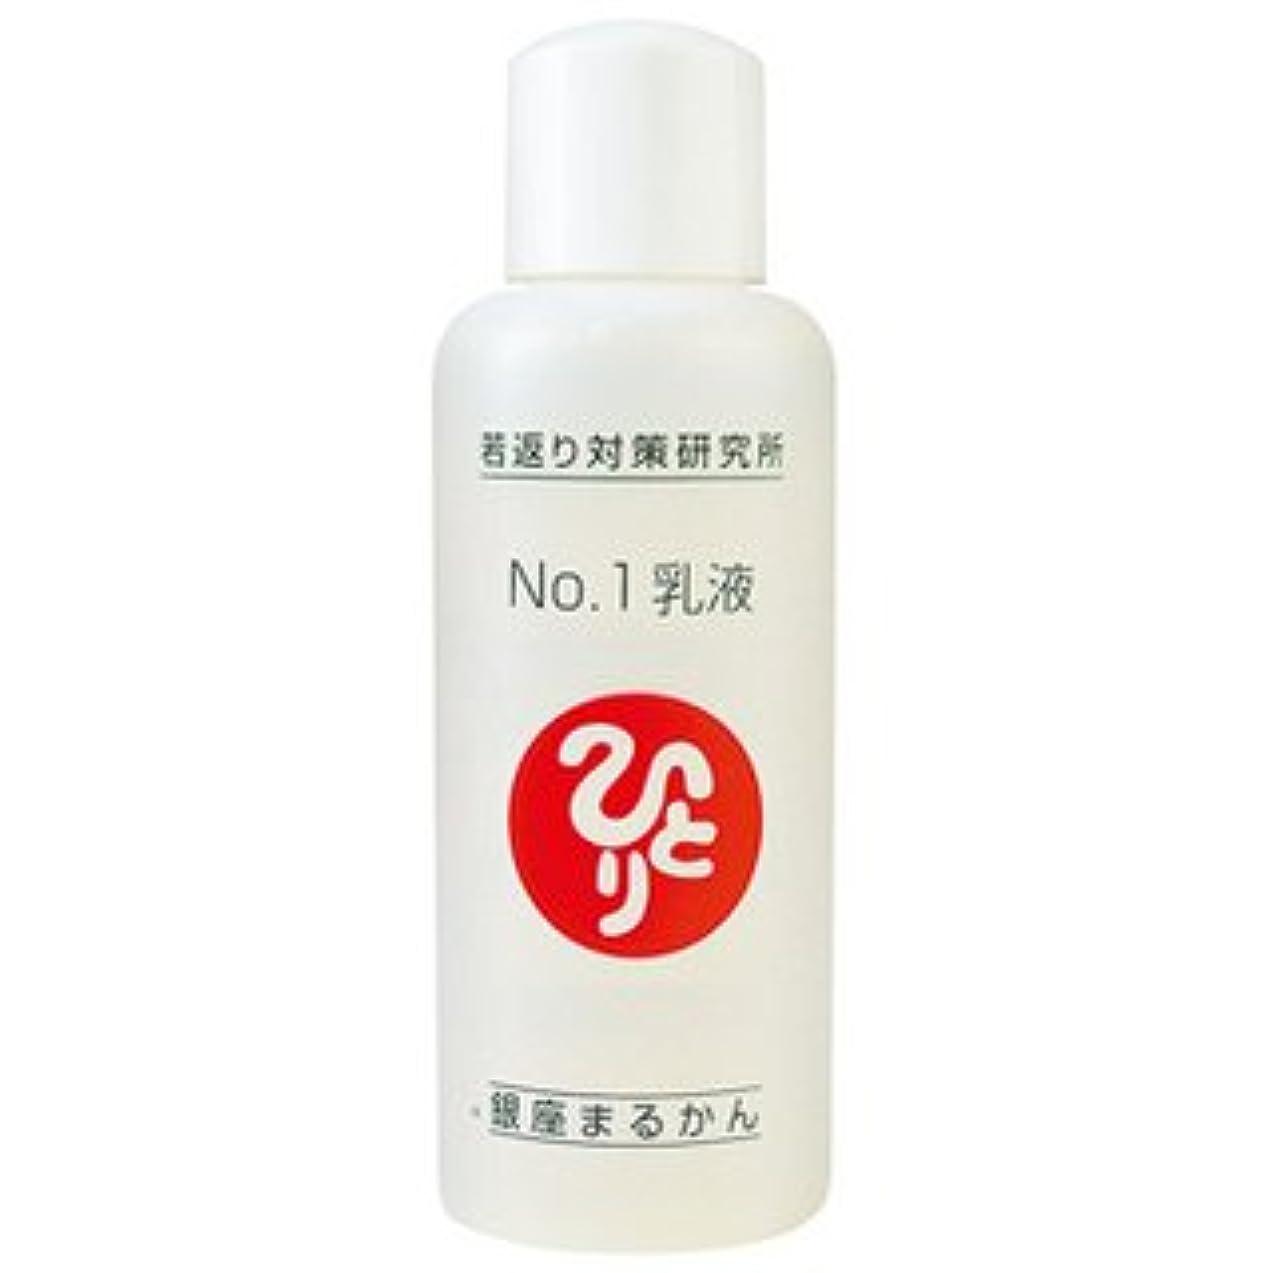 擬人化チューブラウズ銀座まるかん No.1乳液